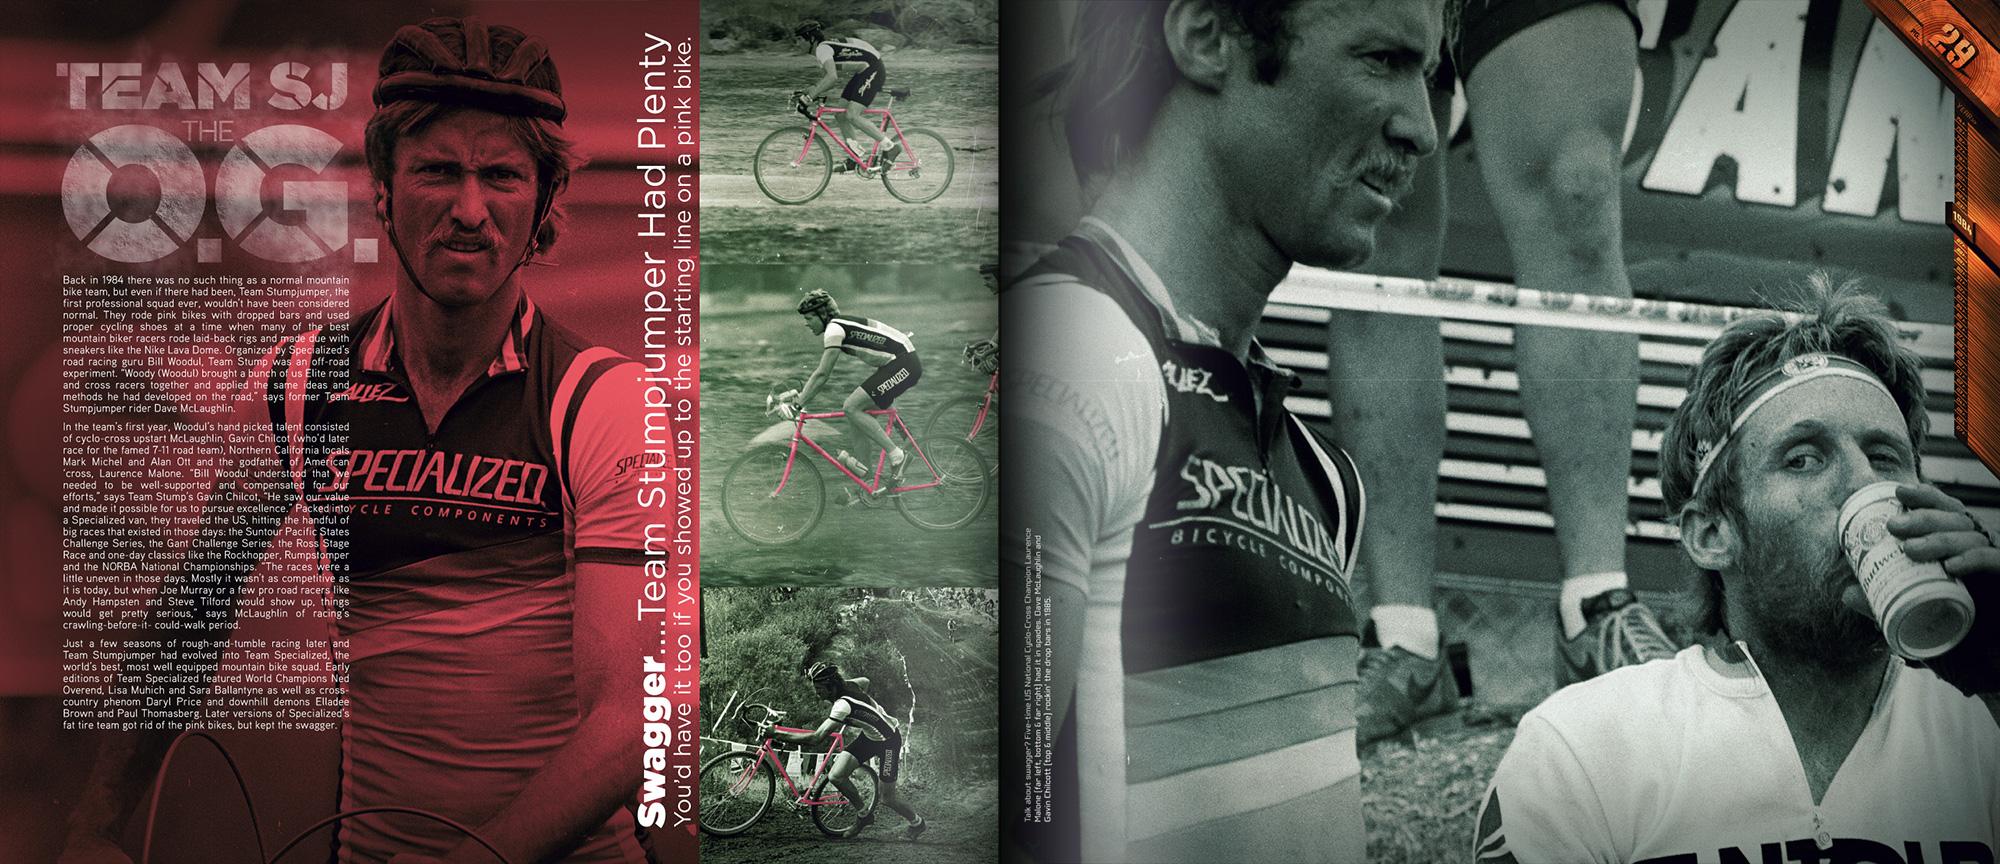 Stunt jumper anniversary book depicting riders and stuntjumper bike